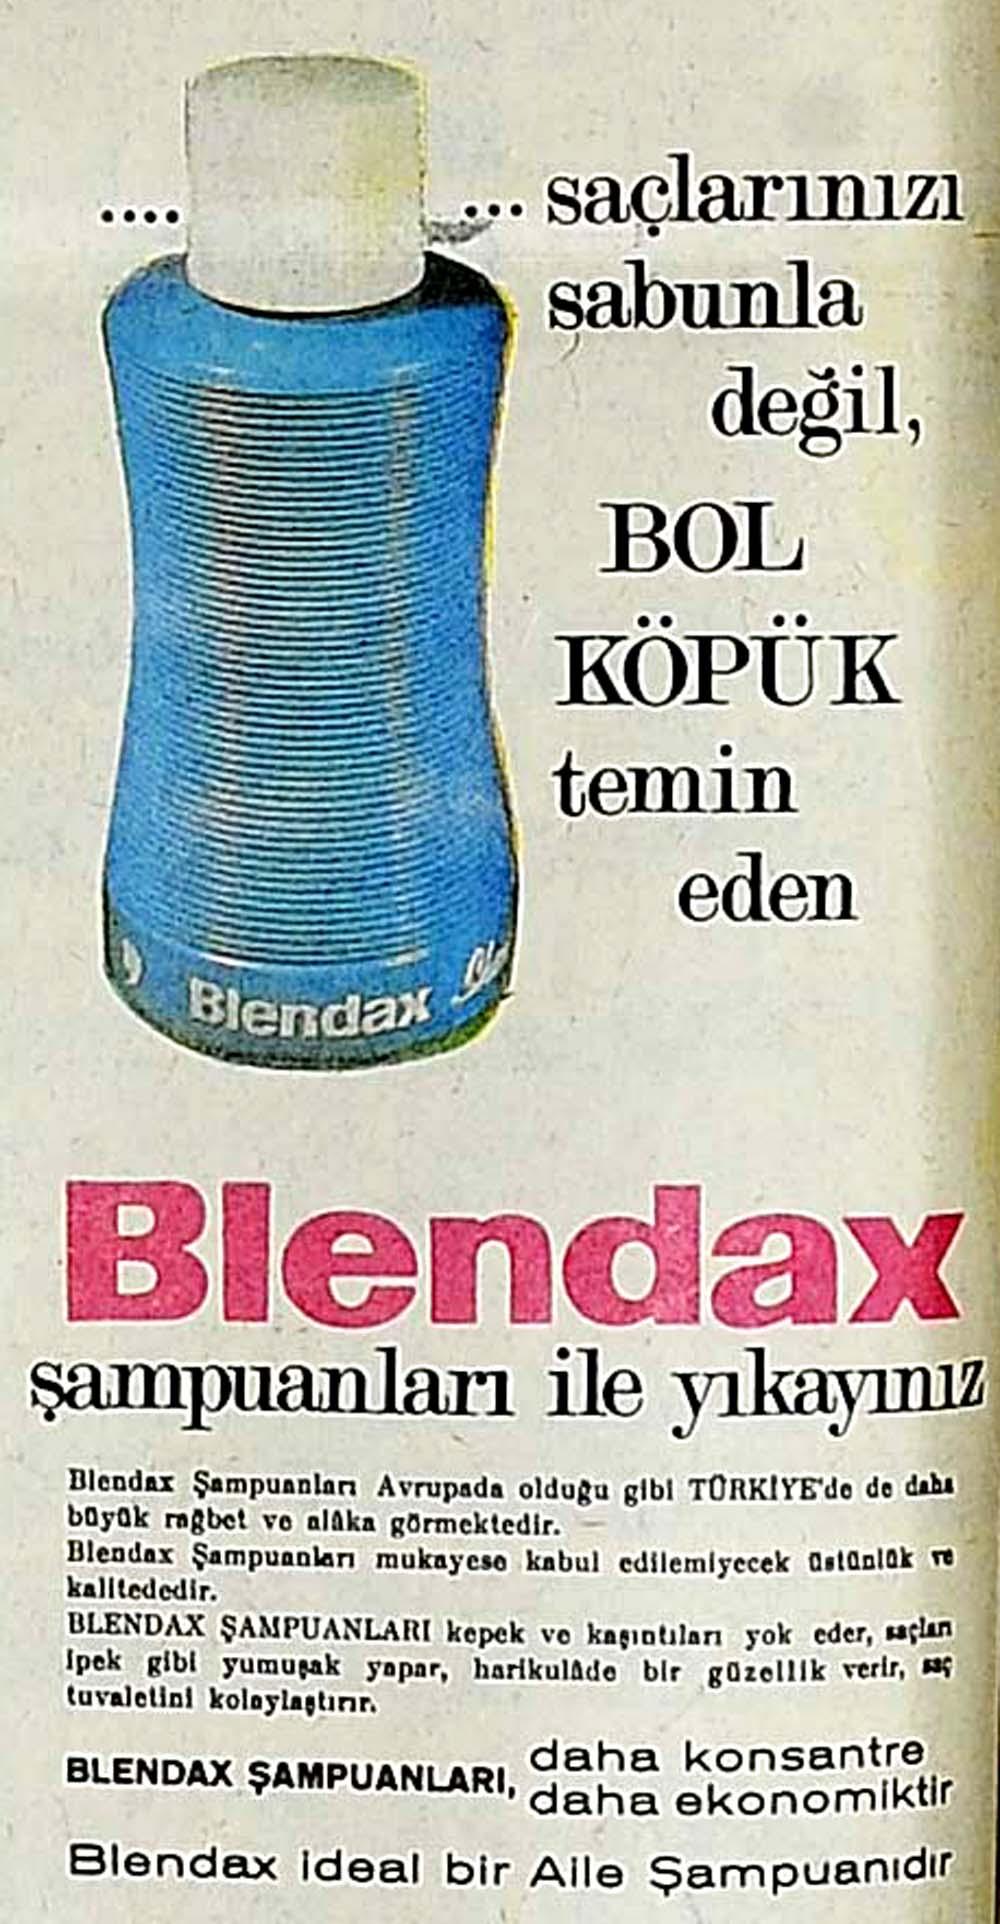 Blendax şampuanları